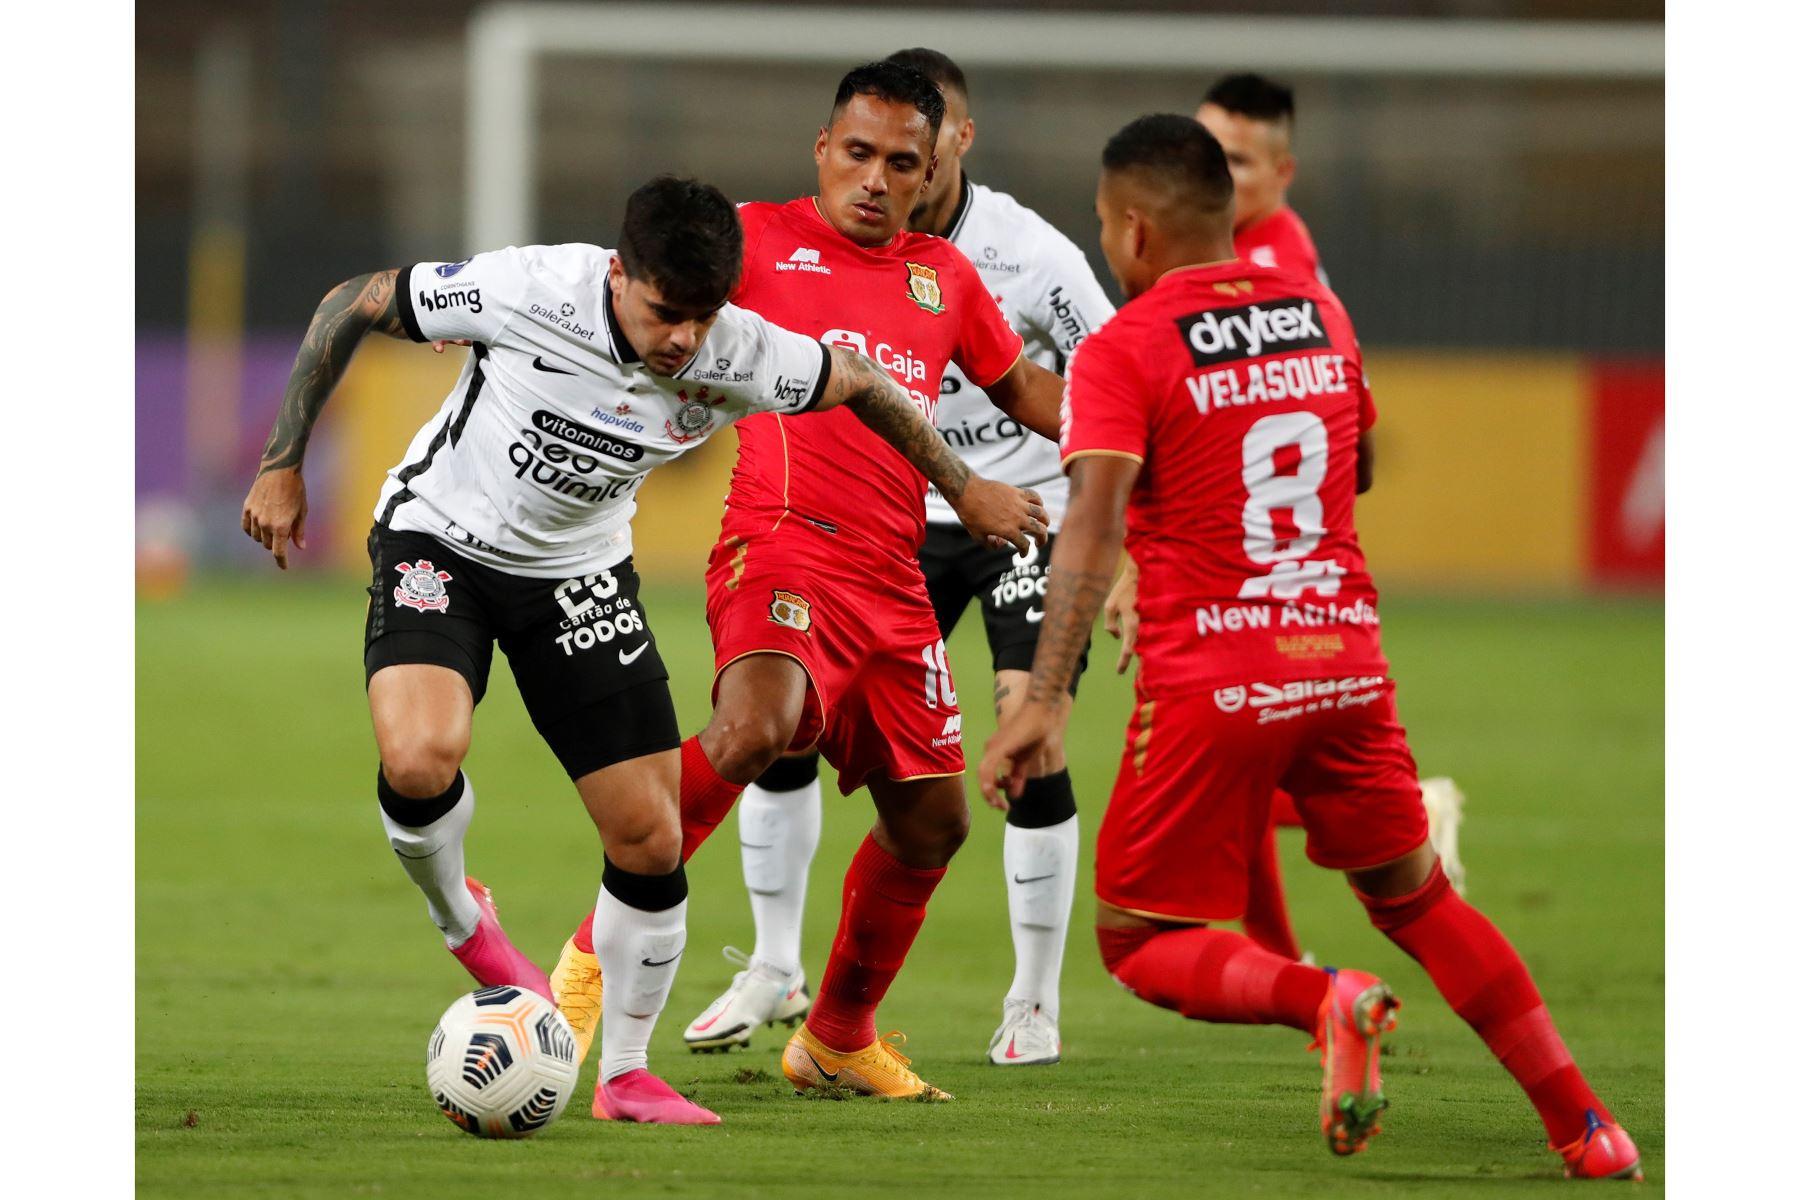 Marcos Lliuya de Huancayo disputa un balón con Fagner Lemos de Corinthians durante partido por la Copa Sudamericana, en el Estadio Nacional. Foto: EFE